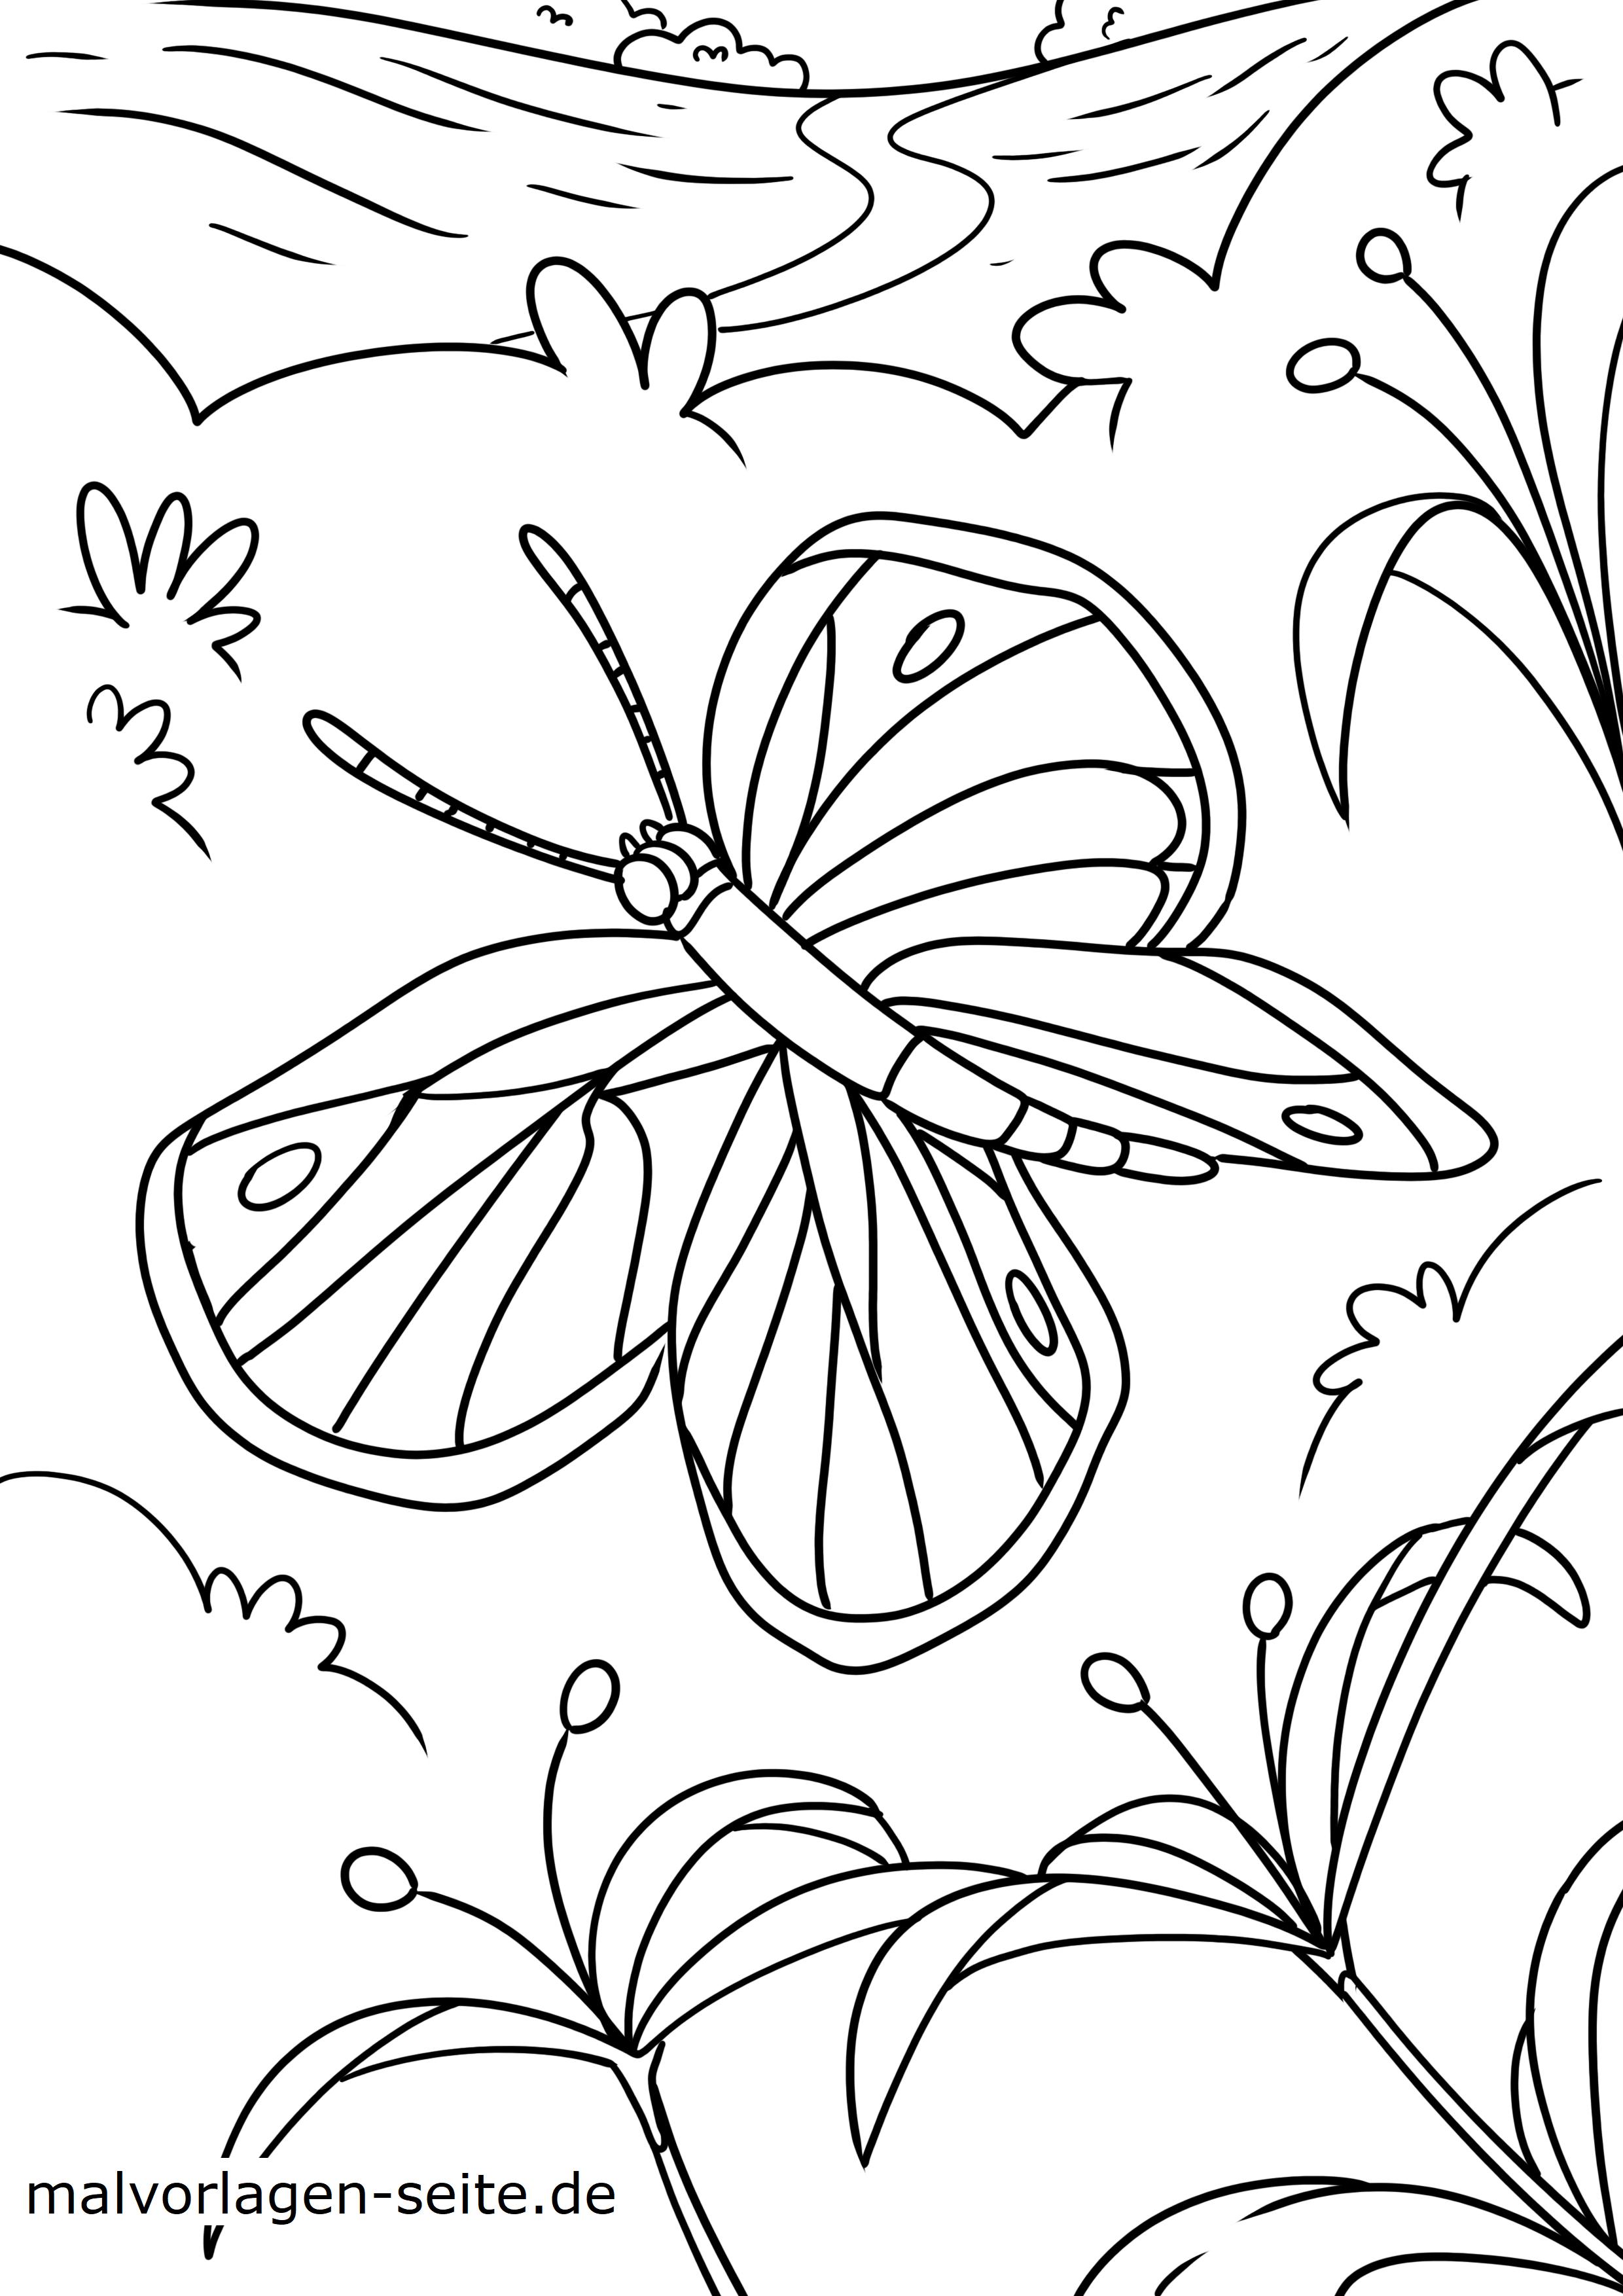 Malvorlage Schmetterling - Kostenlose Ausmalbilder